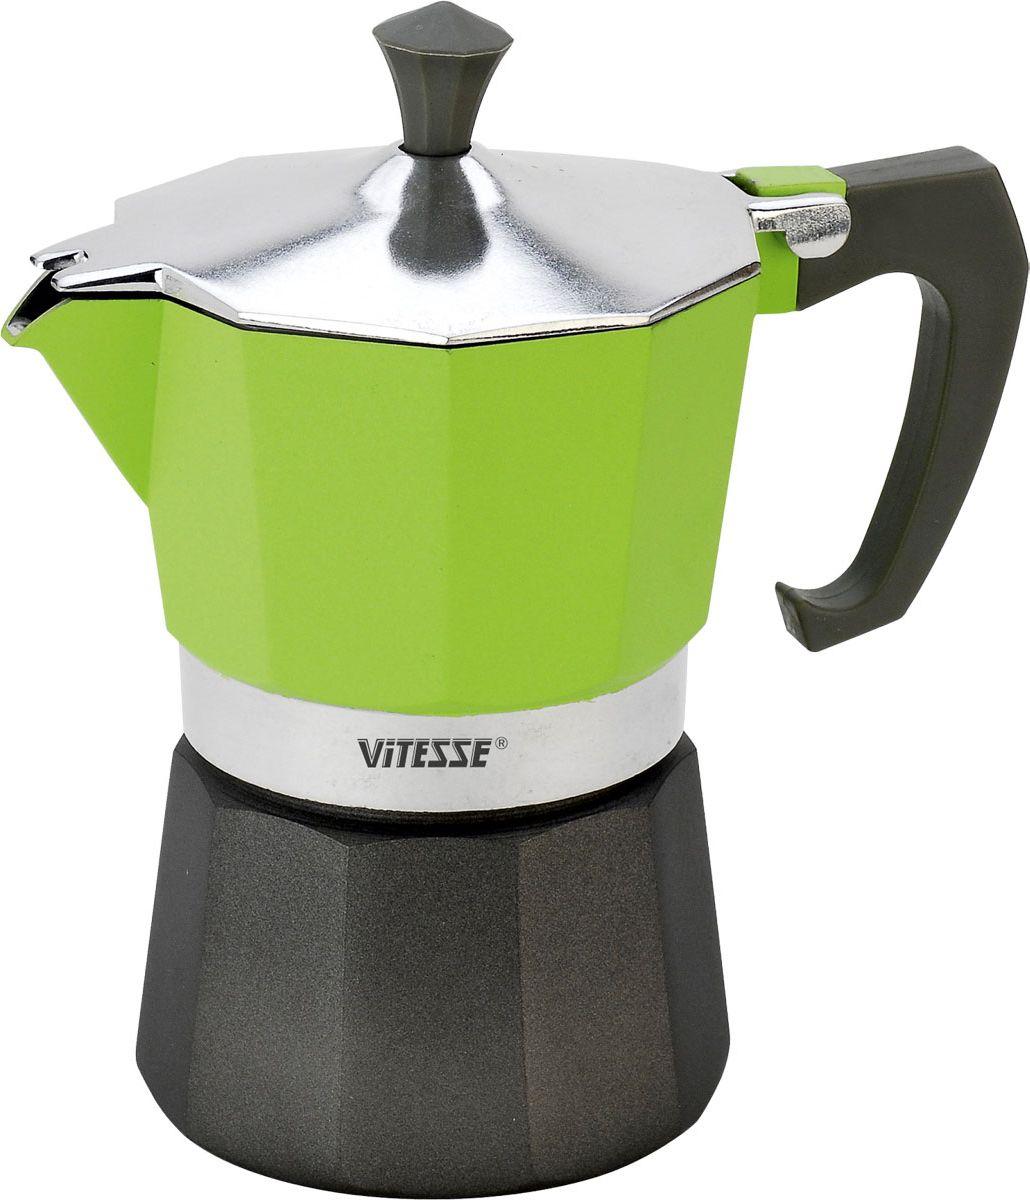 Кофеварка-эспрессо Vitesse на 3 чашки, цвет: зеленыйFS-91909Теперь и дома вы сможете насладиться великолепным эспрессо благодаря кофеварке Vitesse, которая позволит вам приготовить ароматный напиток на 3 персоны. Новый стильный дизайн компактной кофеварки станет ярким элементом интерьера вашего дома!Корпус кофеварки изготовлен из высококачественного алюминия, ручка - жаропрочная бакелитовая. Кофеварка состоит из двух соединенных между собой емкостей. В нижнюю емкость наливается вода, в эту же емкость устанавливается фильтр-сифон, в который засыпается кофе. К нижней емкости прикручивается верхняя емкость, после чего кофеварка ставится на электроплитку, и через несколько минут кофе начинает брызгать в верхний контейнер и осаждаться. Кофе получается крепкий и насыщенный.Инструкция по эксплуатации кофеварки прилагается. Можно мыть в посудомоечной машине. Характеристики:Материал:высококачественный алюминий, пластик. Высота кофеварки:15,5 см. Диаметр кофеварки по верхнему краю:8,5 см. Диаметр основания:9 см.Рабочий объем: 105 мл.Размер упаковки:16,5 см х 13,5 см х 10 см.Изготовитель:Китай. Артикул:VS-2604. Посуда Vitesse обладает выдающимися функциональными свойствами. Легкие в уходе кастрюли и сковородки имеют плотно закрывающиеся крышки, которые дают возможность готовить с малым количеством воды и экономией энергии, и идеально подходят для всех видов плит: газовых, электрических, стеклокерамических и индукционных. Конструкция дна посуды гарантирует быстрое поглощение тепла, его равномерное распределение и сохранение. Великолепно отполированная поверхность, а также многочисленные конструктивные новшества, заложенные во все изделия Vitesse, позволит Вам открыть новые горизонты приготовления уже знакомых блюд. Для производства посуды Vitesseиспользуются только высококачественные материалы, которые соответствуют международным стандартам.